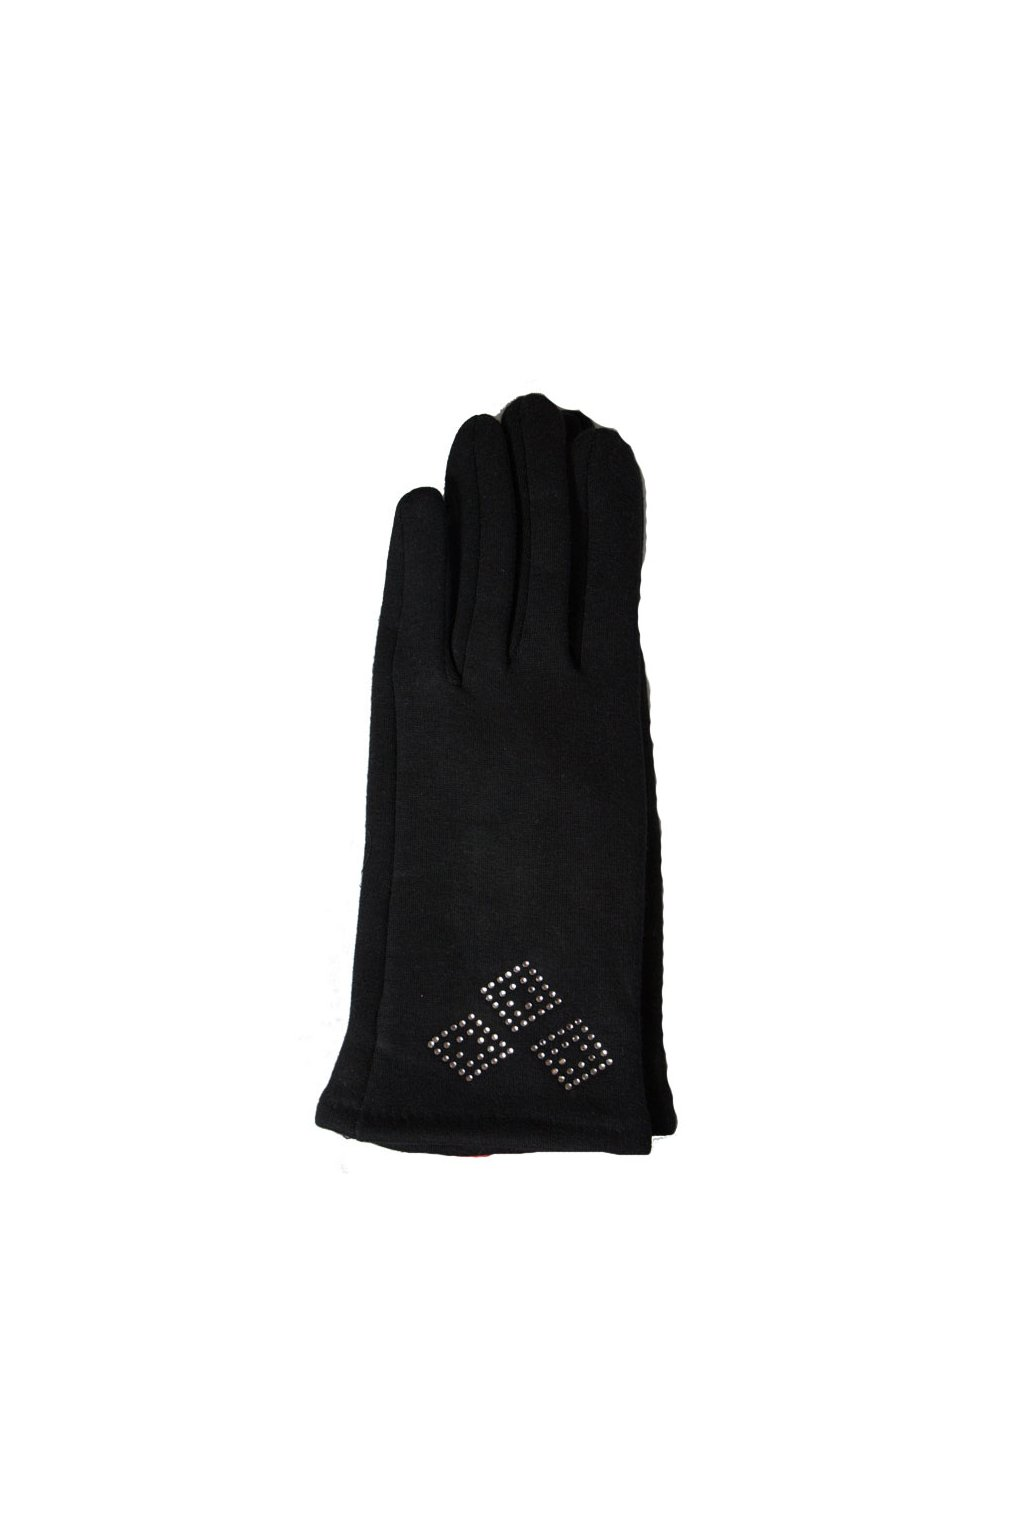 Dámské textilní rukavice BD15